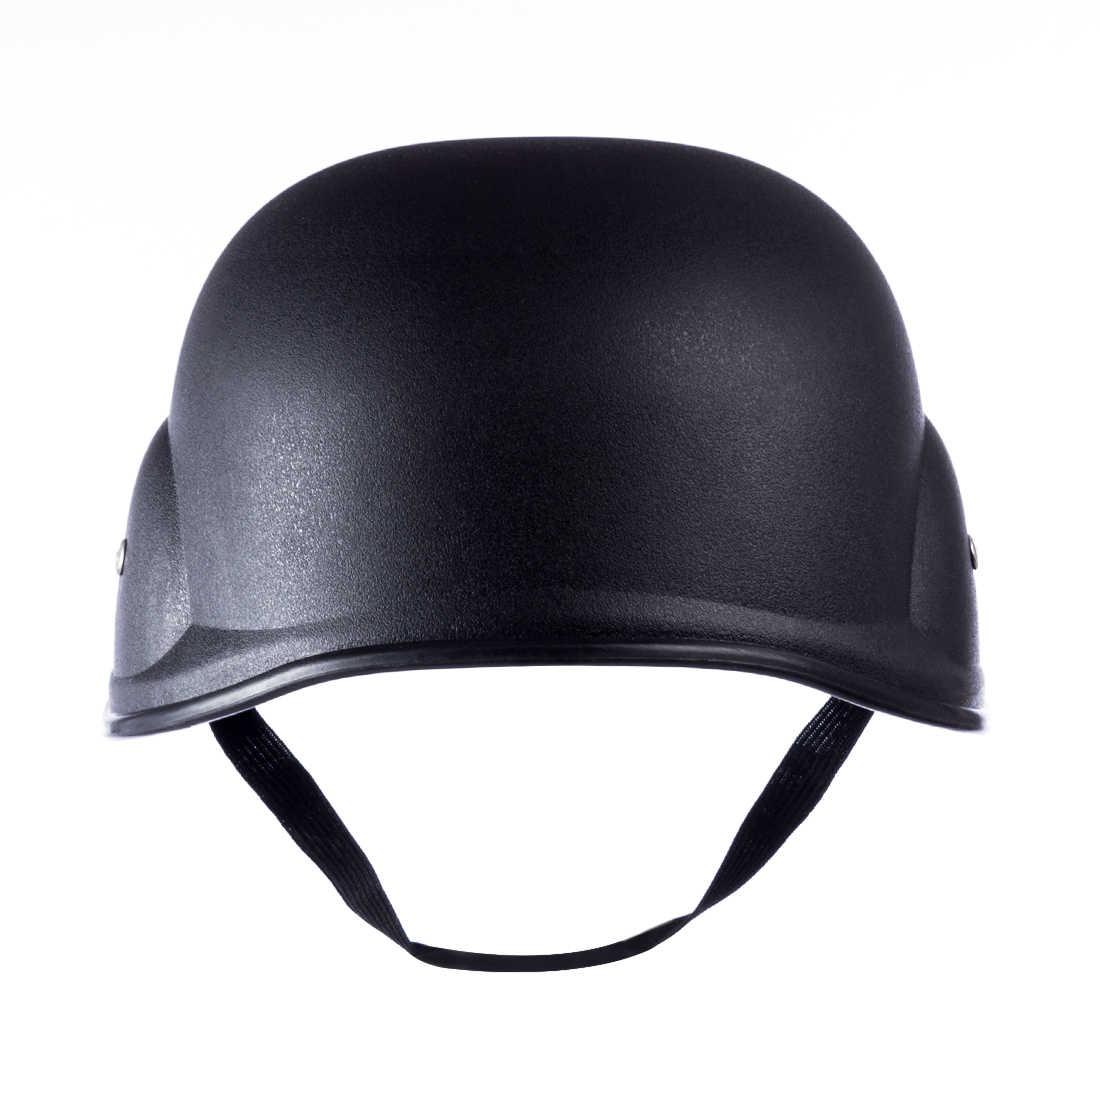 Surwish для сабвуферный динамик SWAT M88 Пластик полицейский шлем для CS игры/для Nerf играть Тактический игрушки/Косплэй Мальчики День рождения девочки подарок